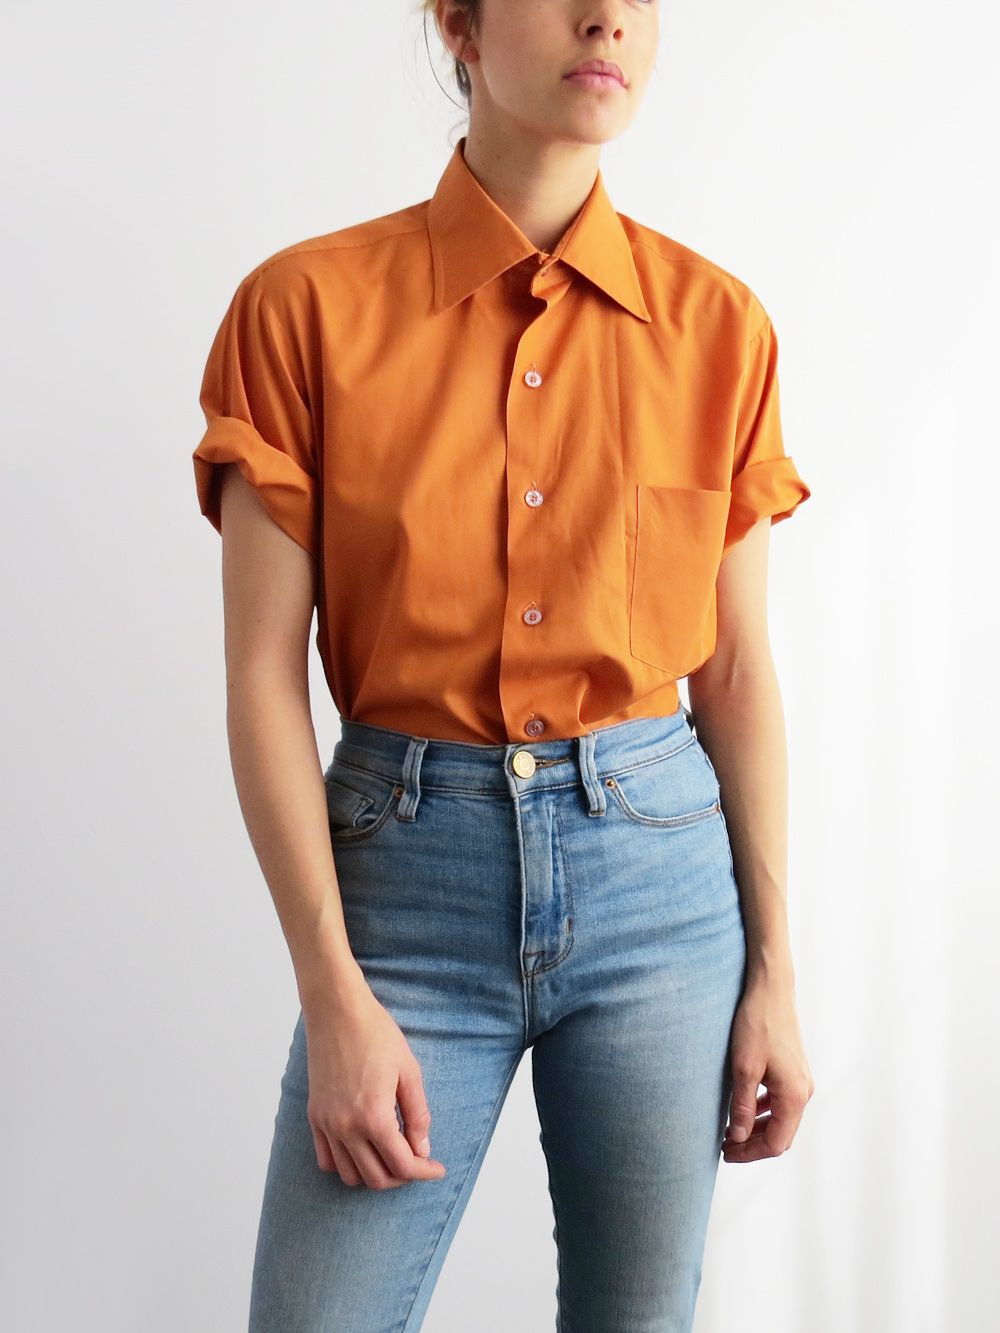 d56715e88d84 Burnt Orange Blouse    Vintage Button Up Shirt SOLD